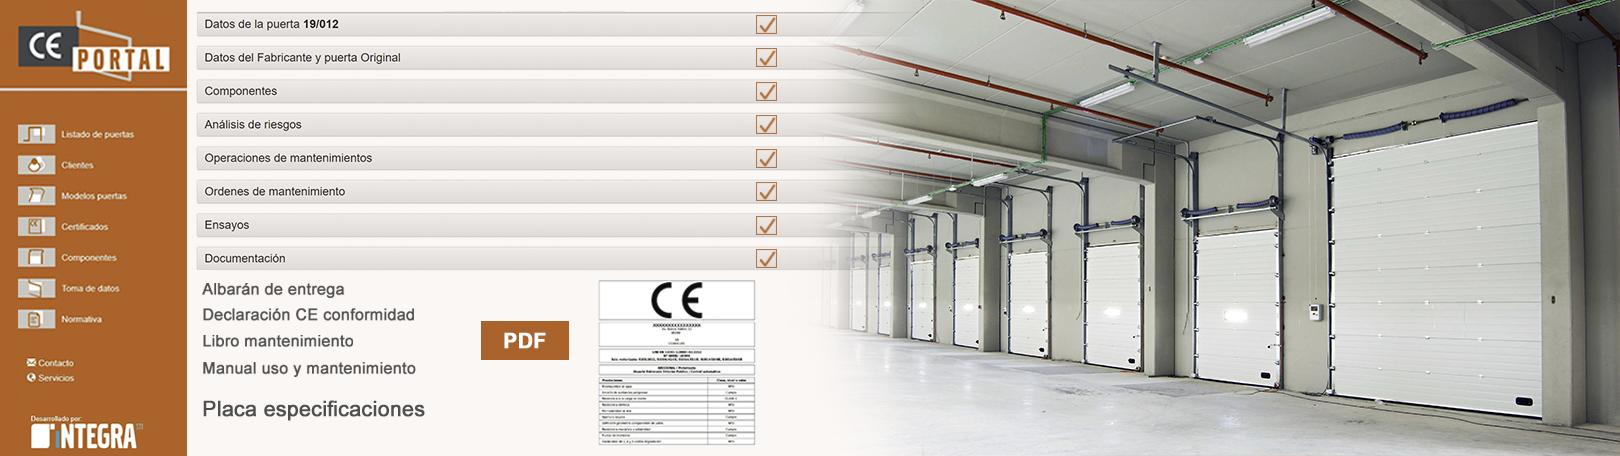 Fotomontaje-CEportal_Fabricación